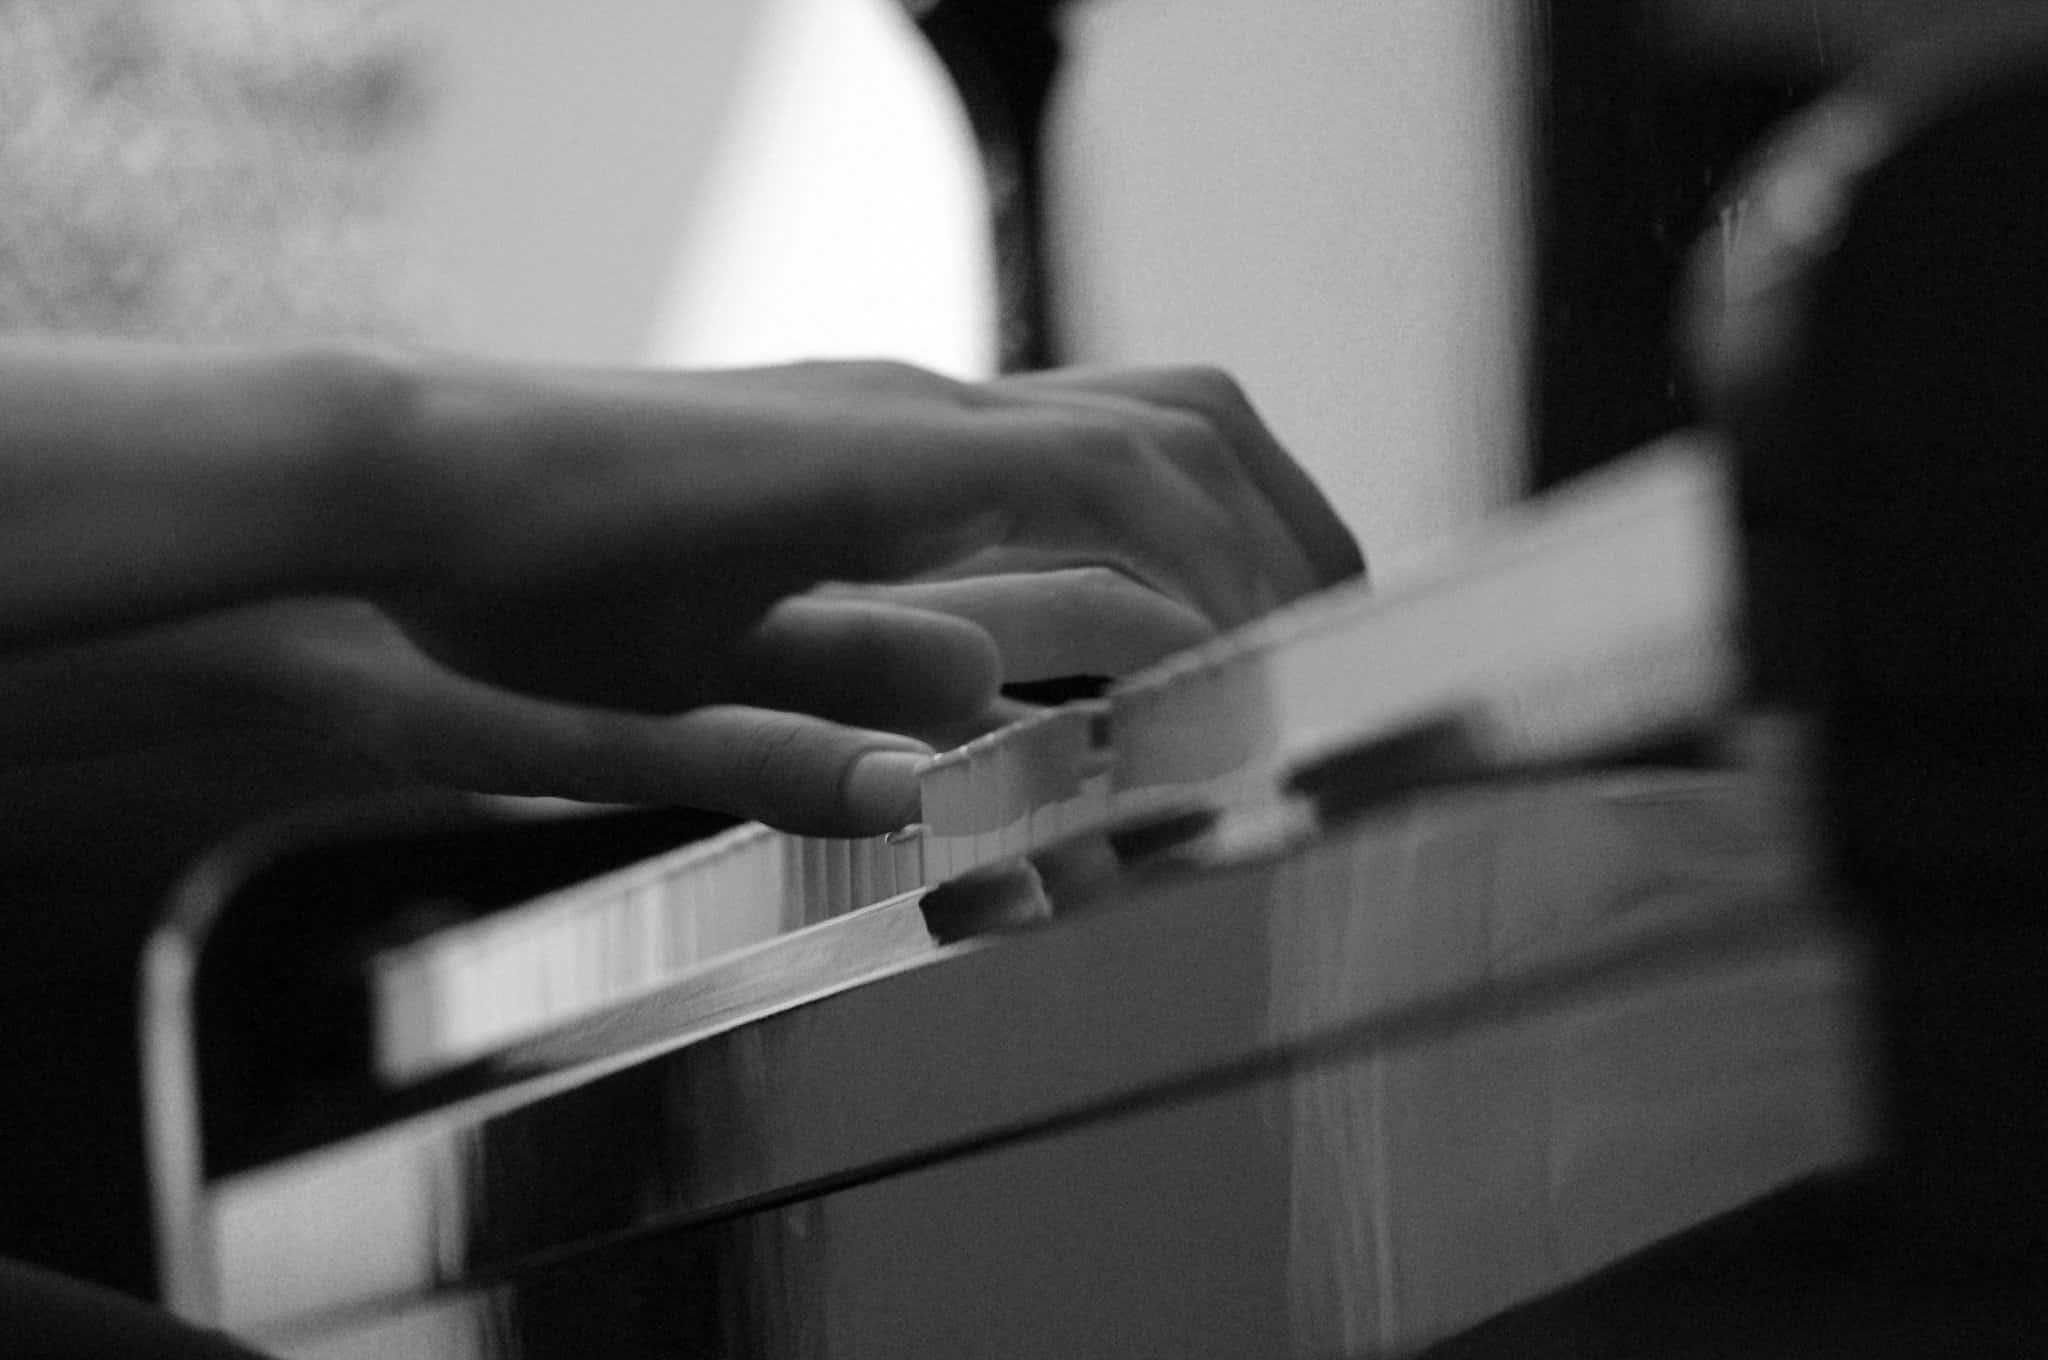 morricone e il cinema: l'importanza della musica